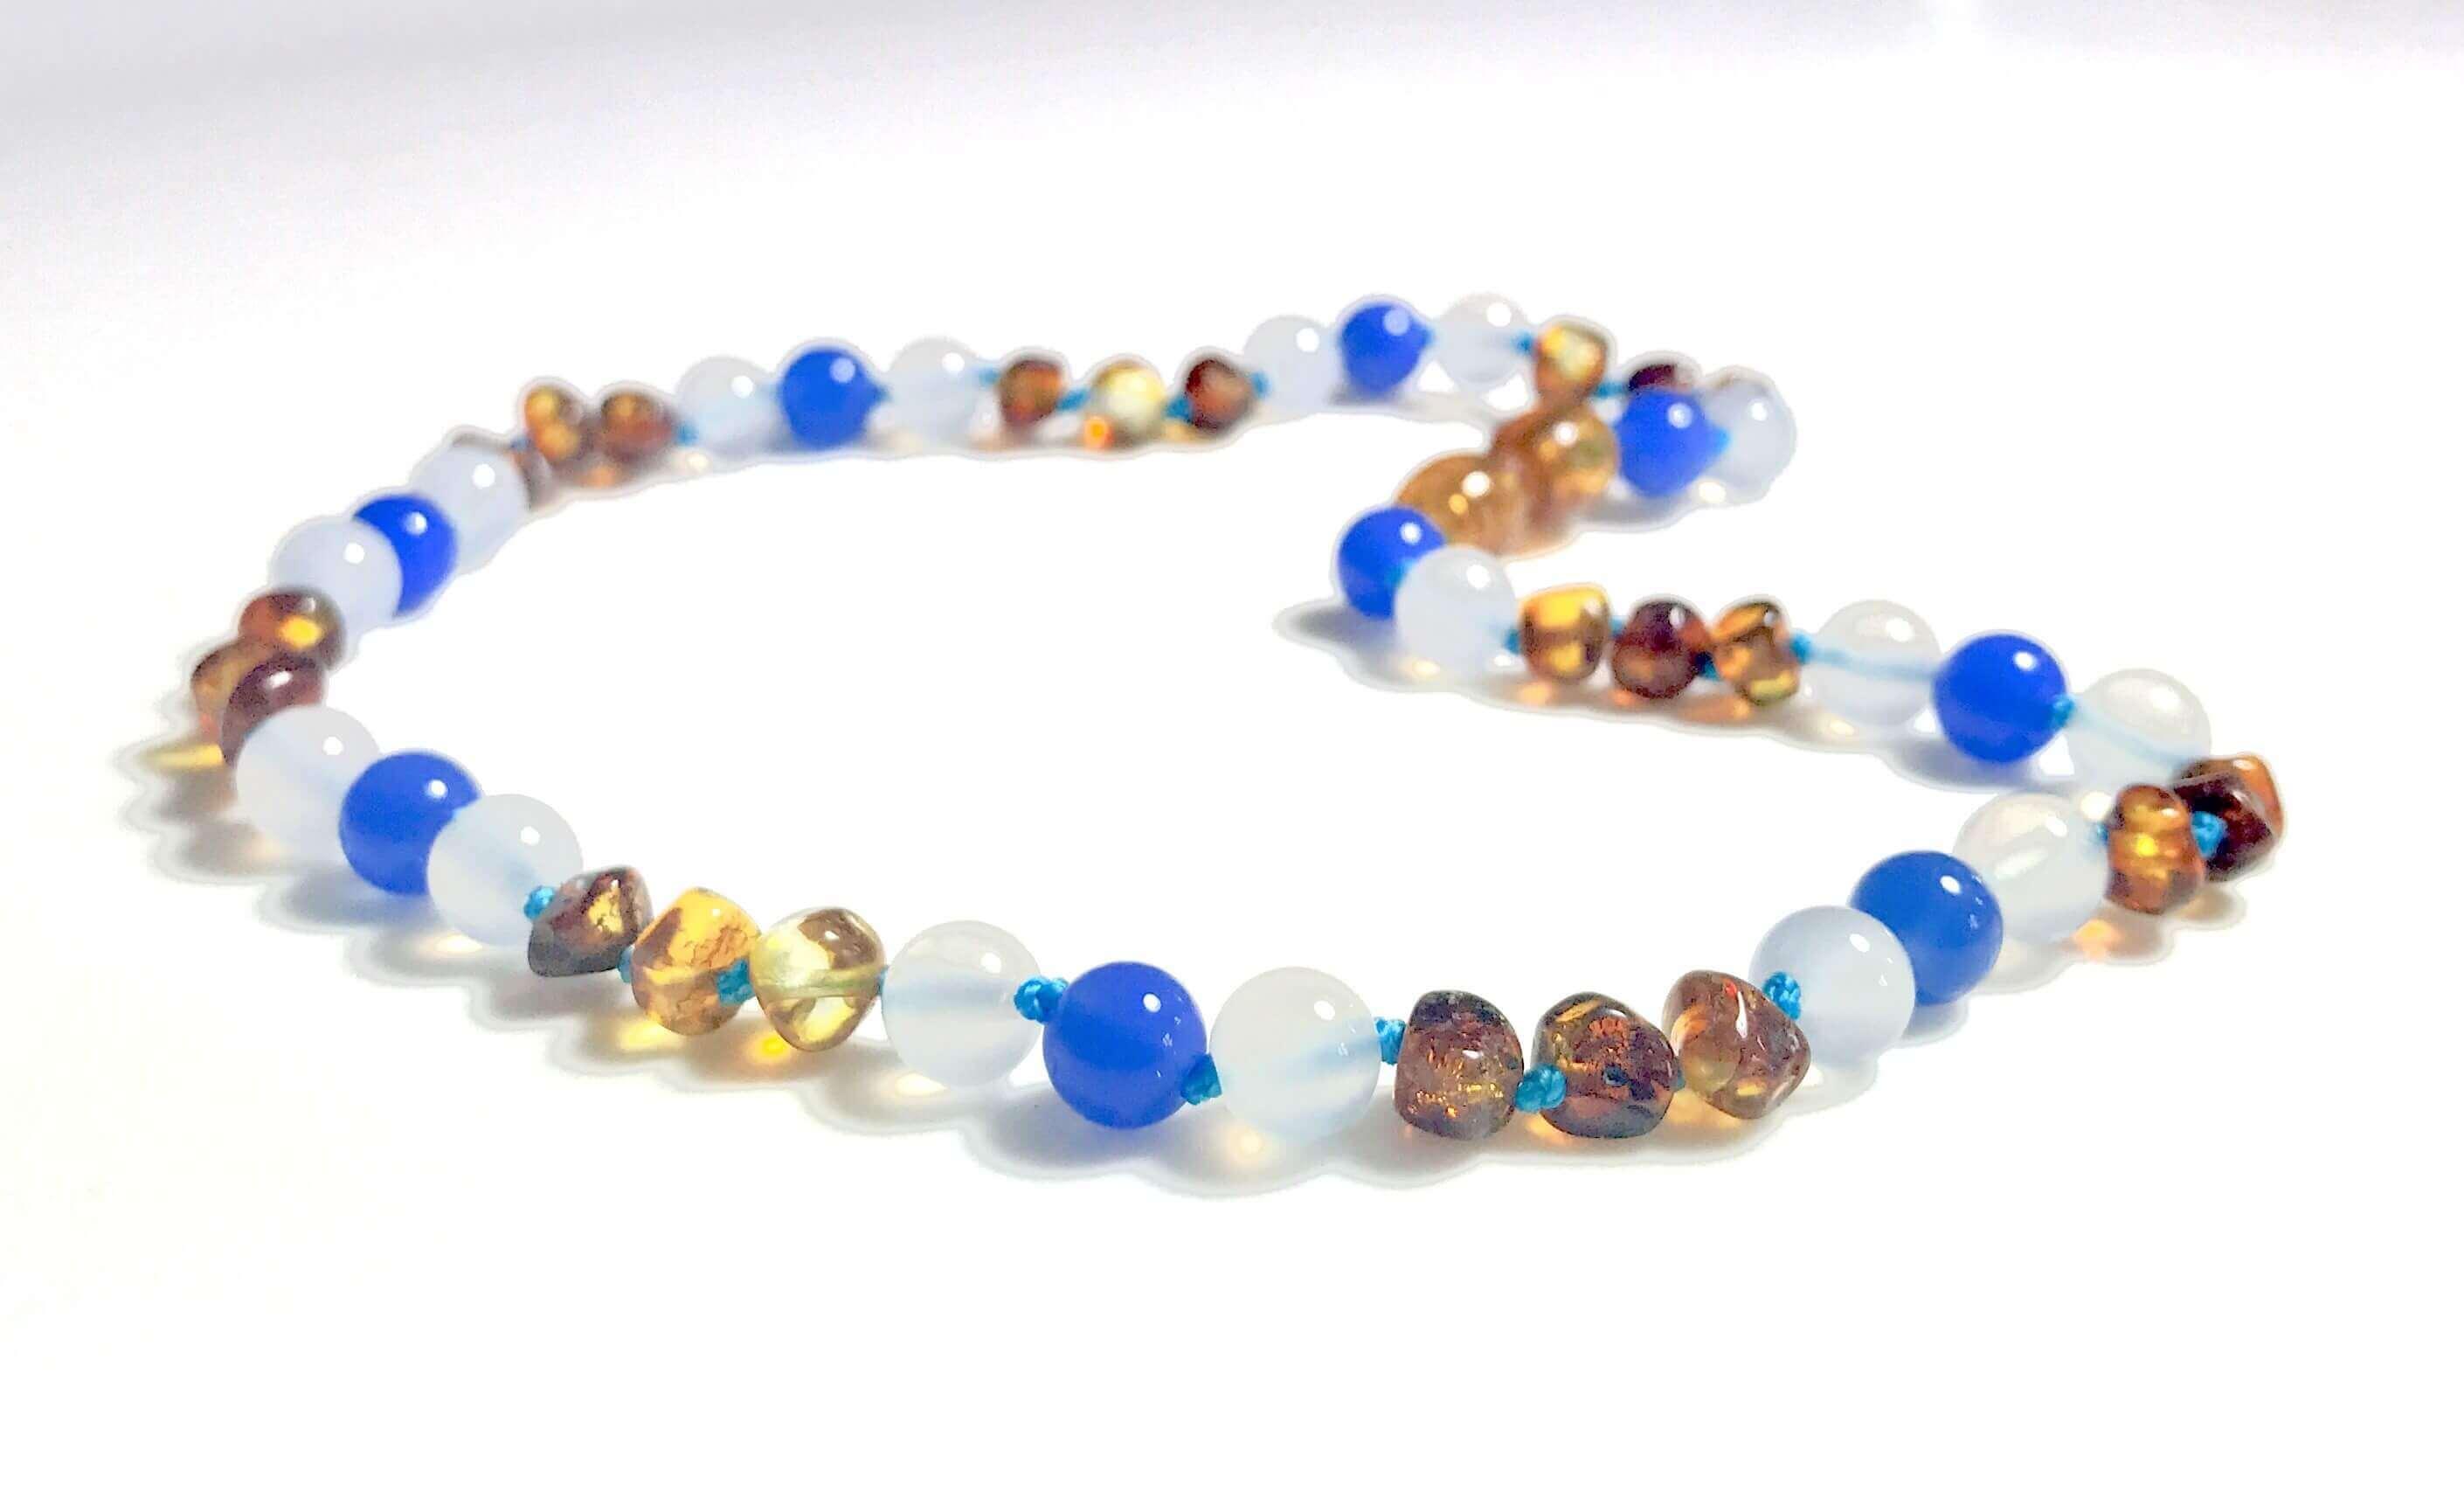 98c14920ed7 Nouveau collier d Ambre bébé couleur Caramel et Agate banche et bleue